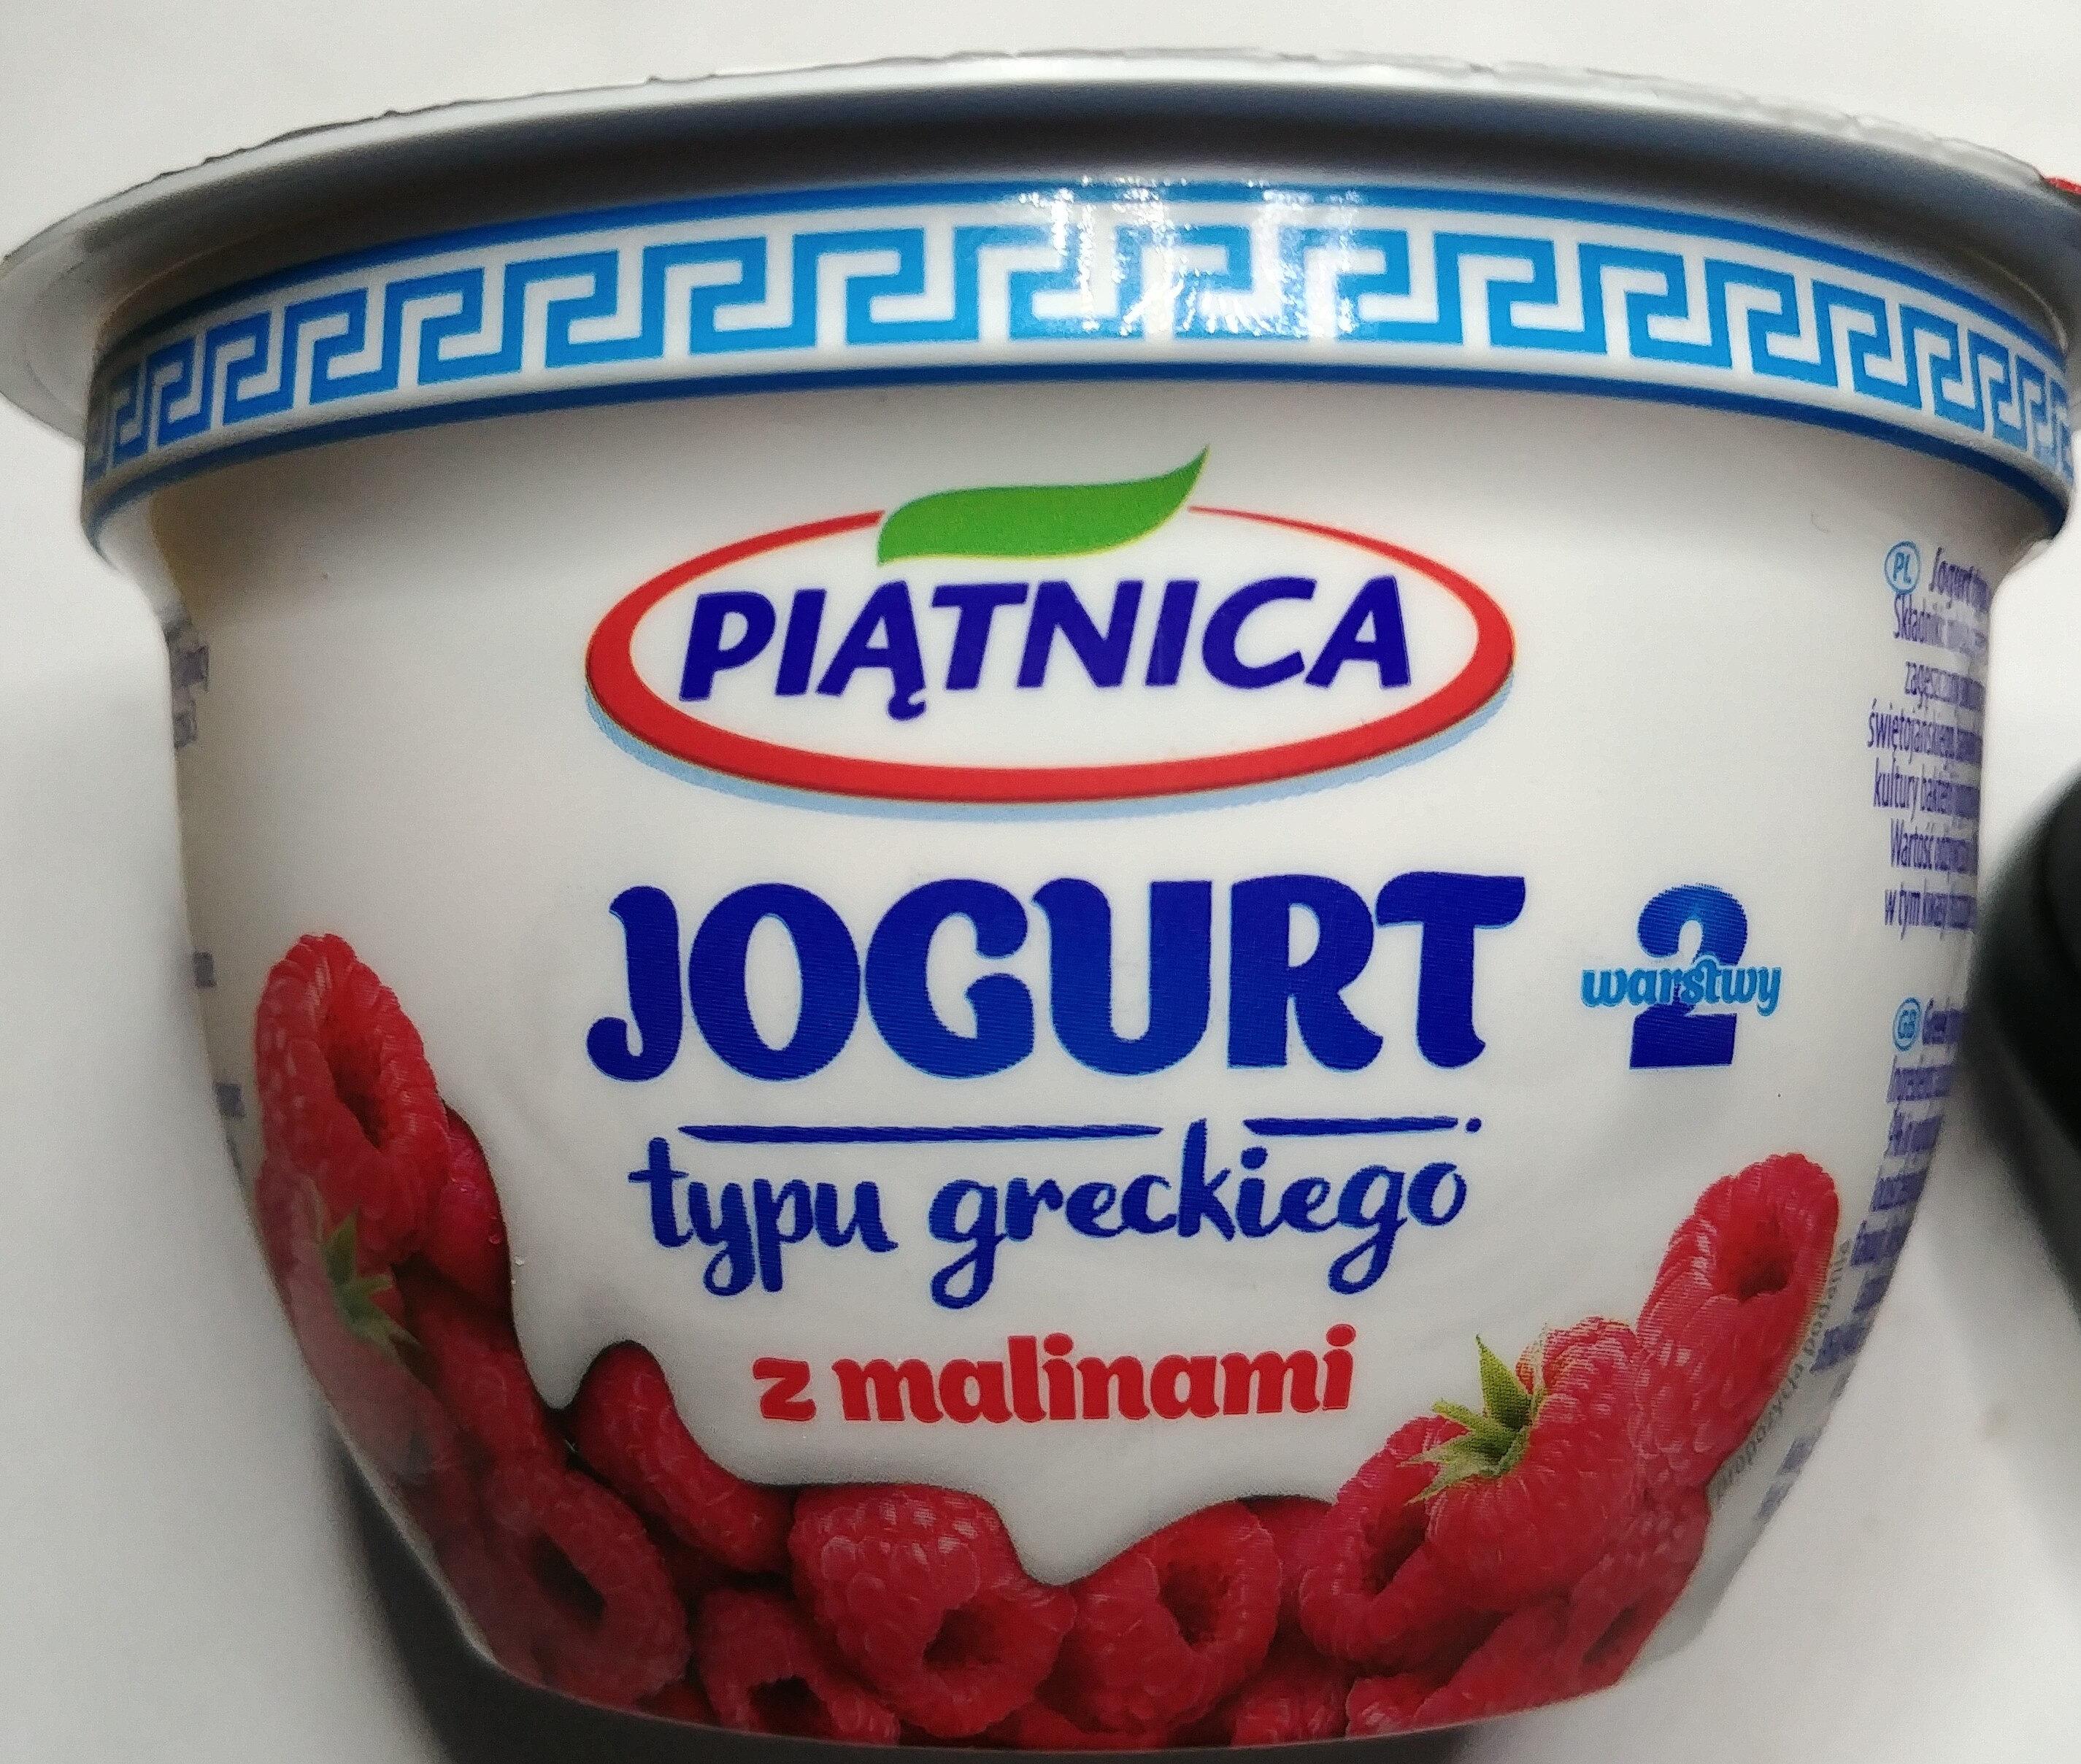 Jogurt typu greckiego z malinami - Product